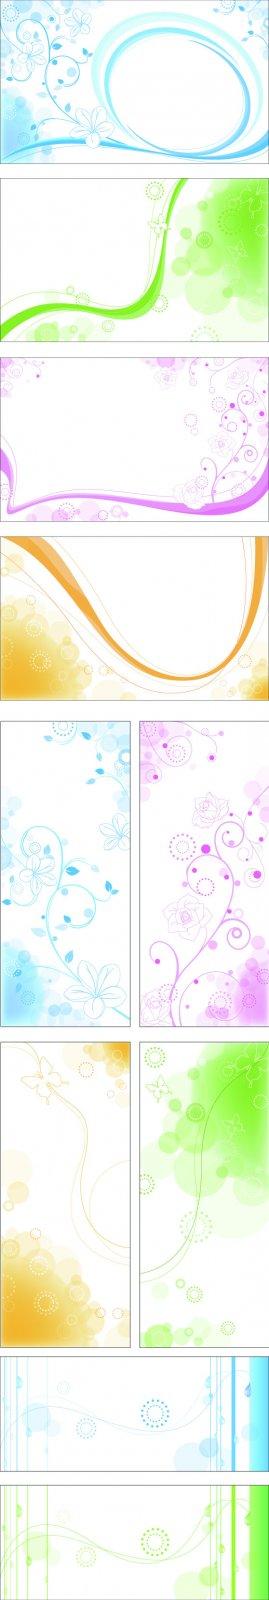 花纹展示元素